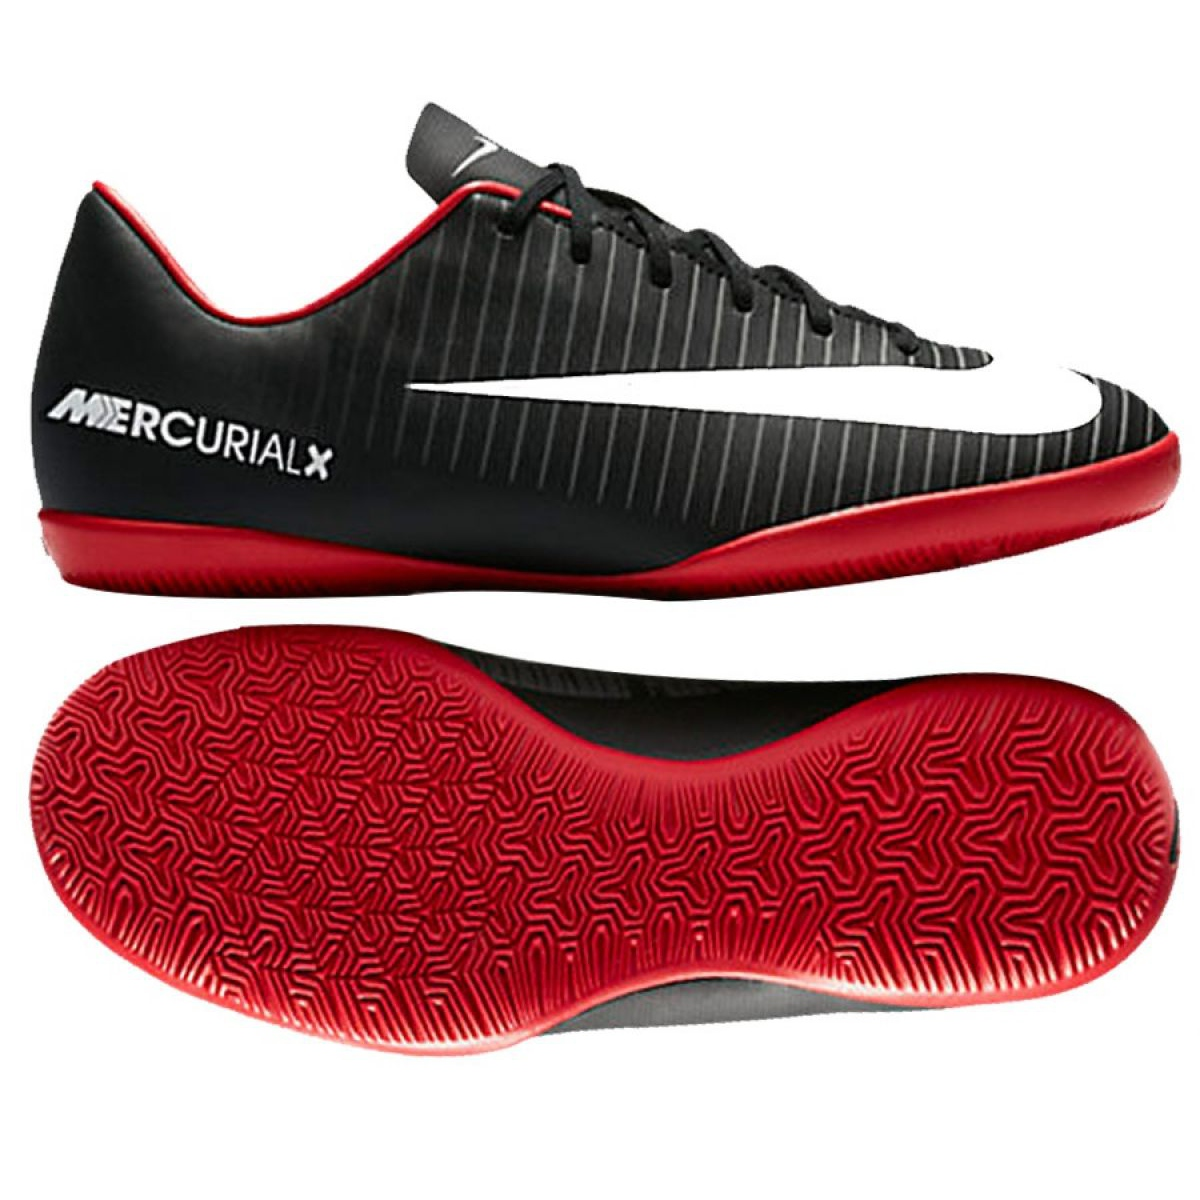 online store c2c06 5353d Hallenschuhe Nike Mercurial Vapor Xi Ic Jr 831947-002